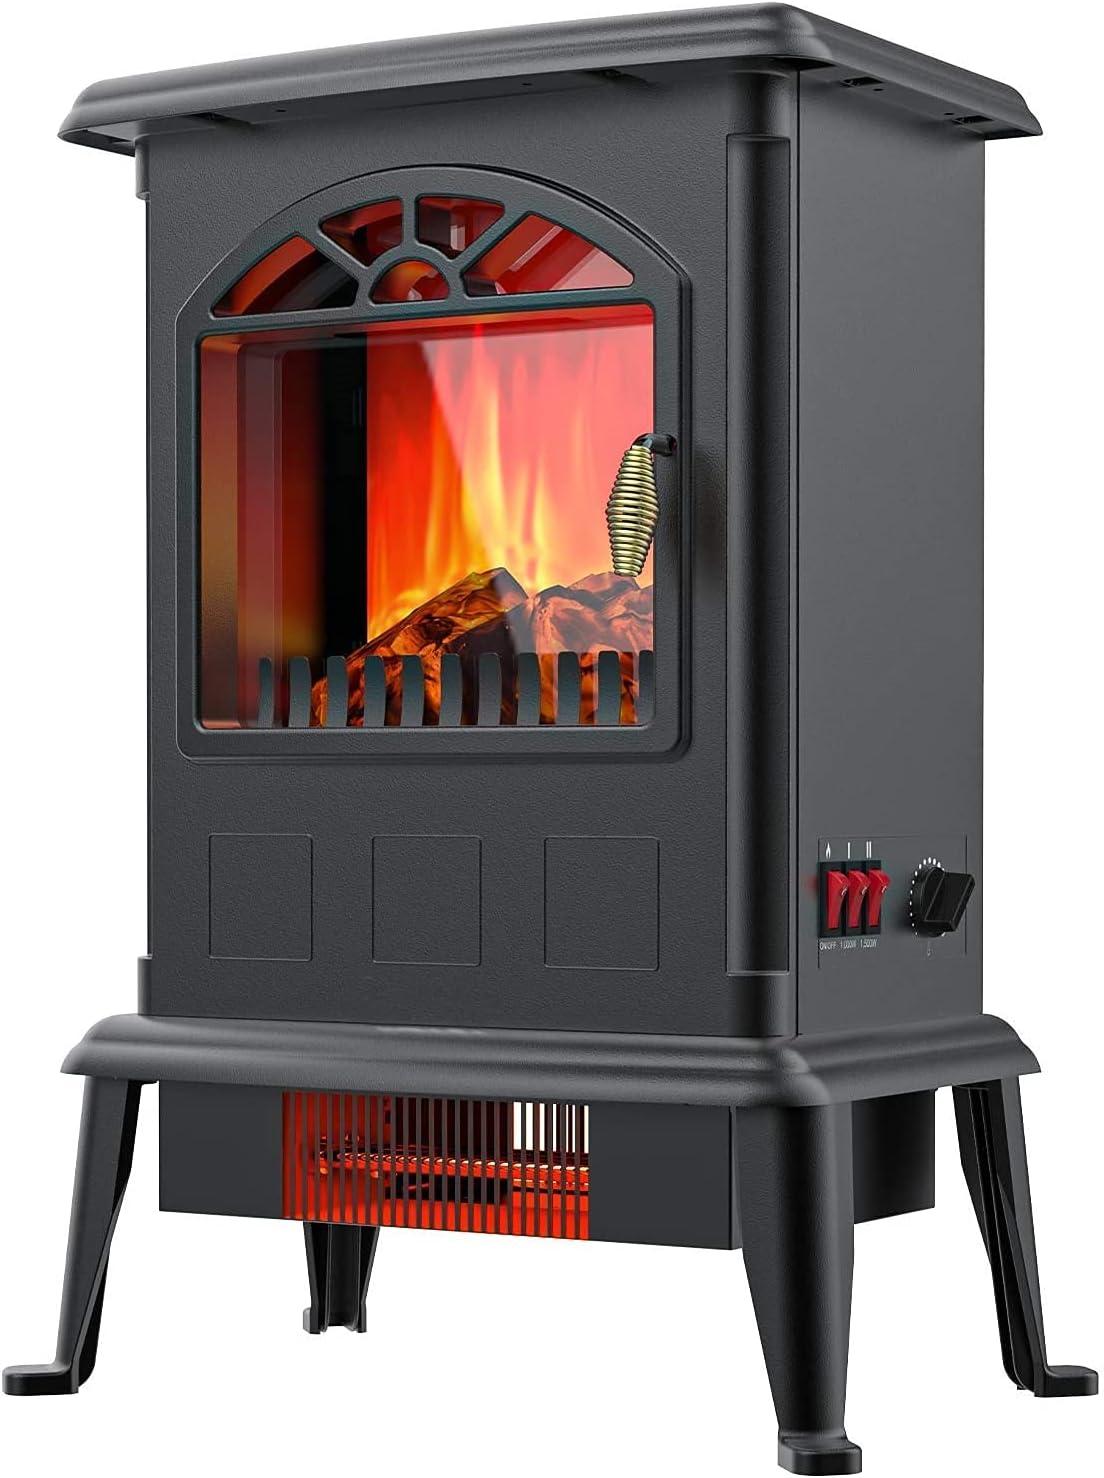 TenaciteeElectric Fireplace Infrared Heater Fir Max 56% OFF Regular dealer Freestanding